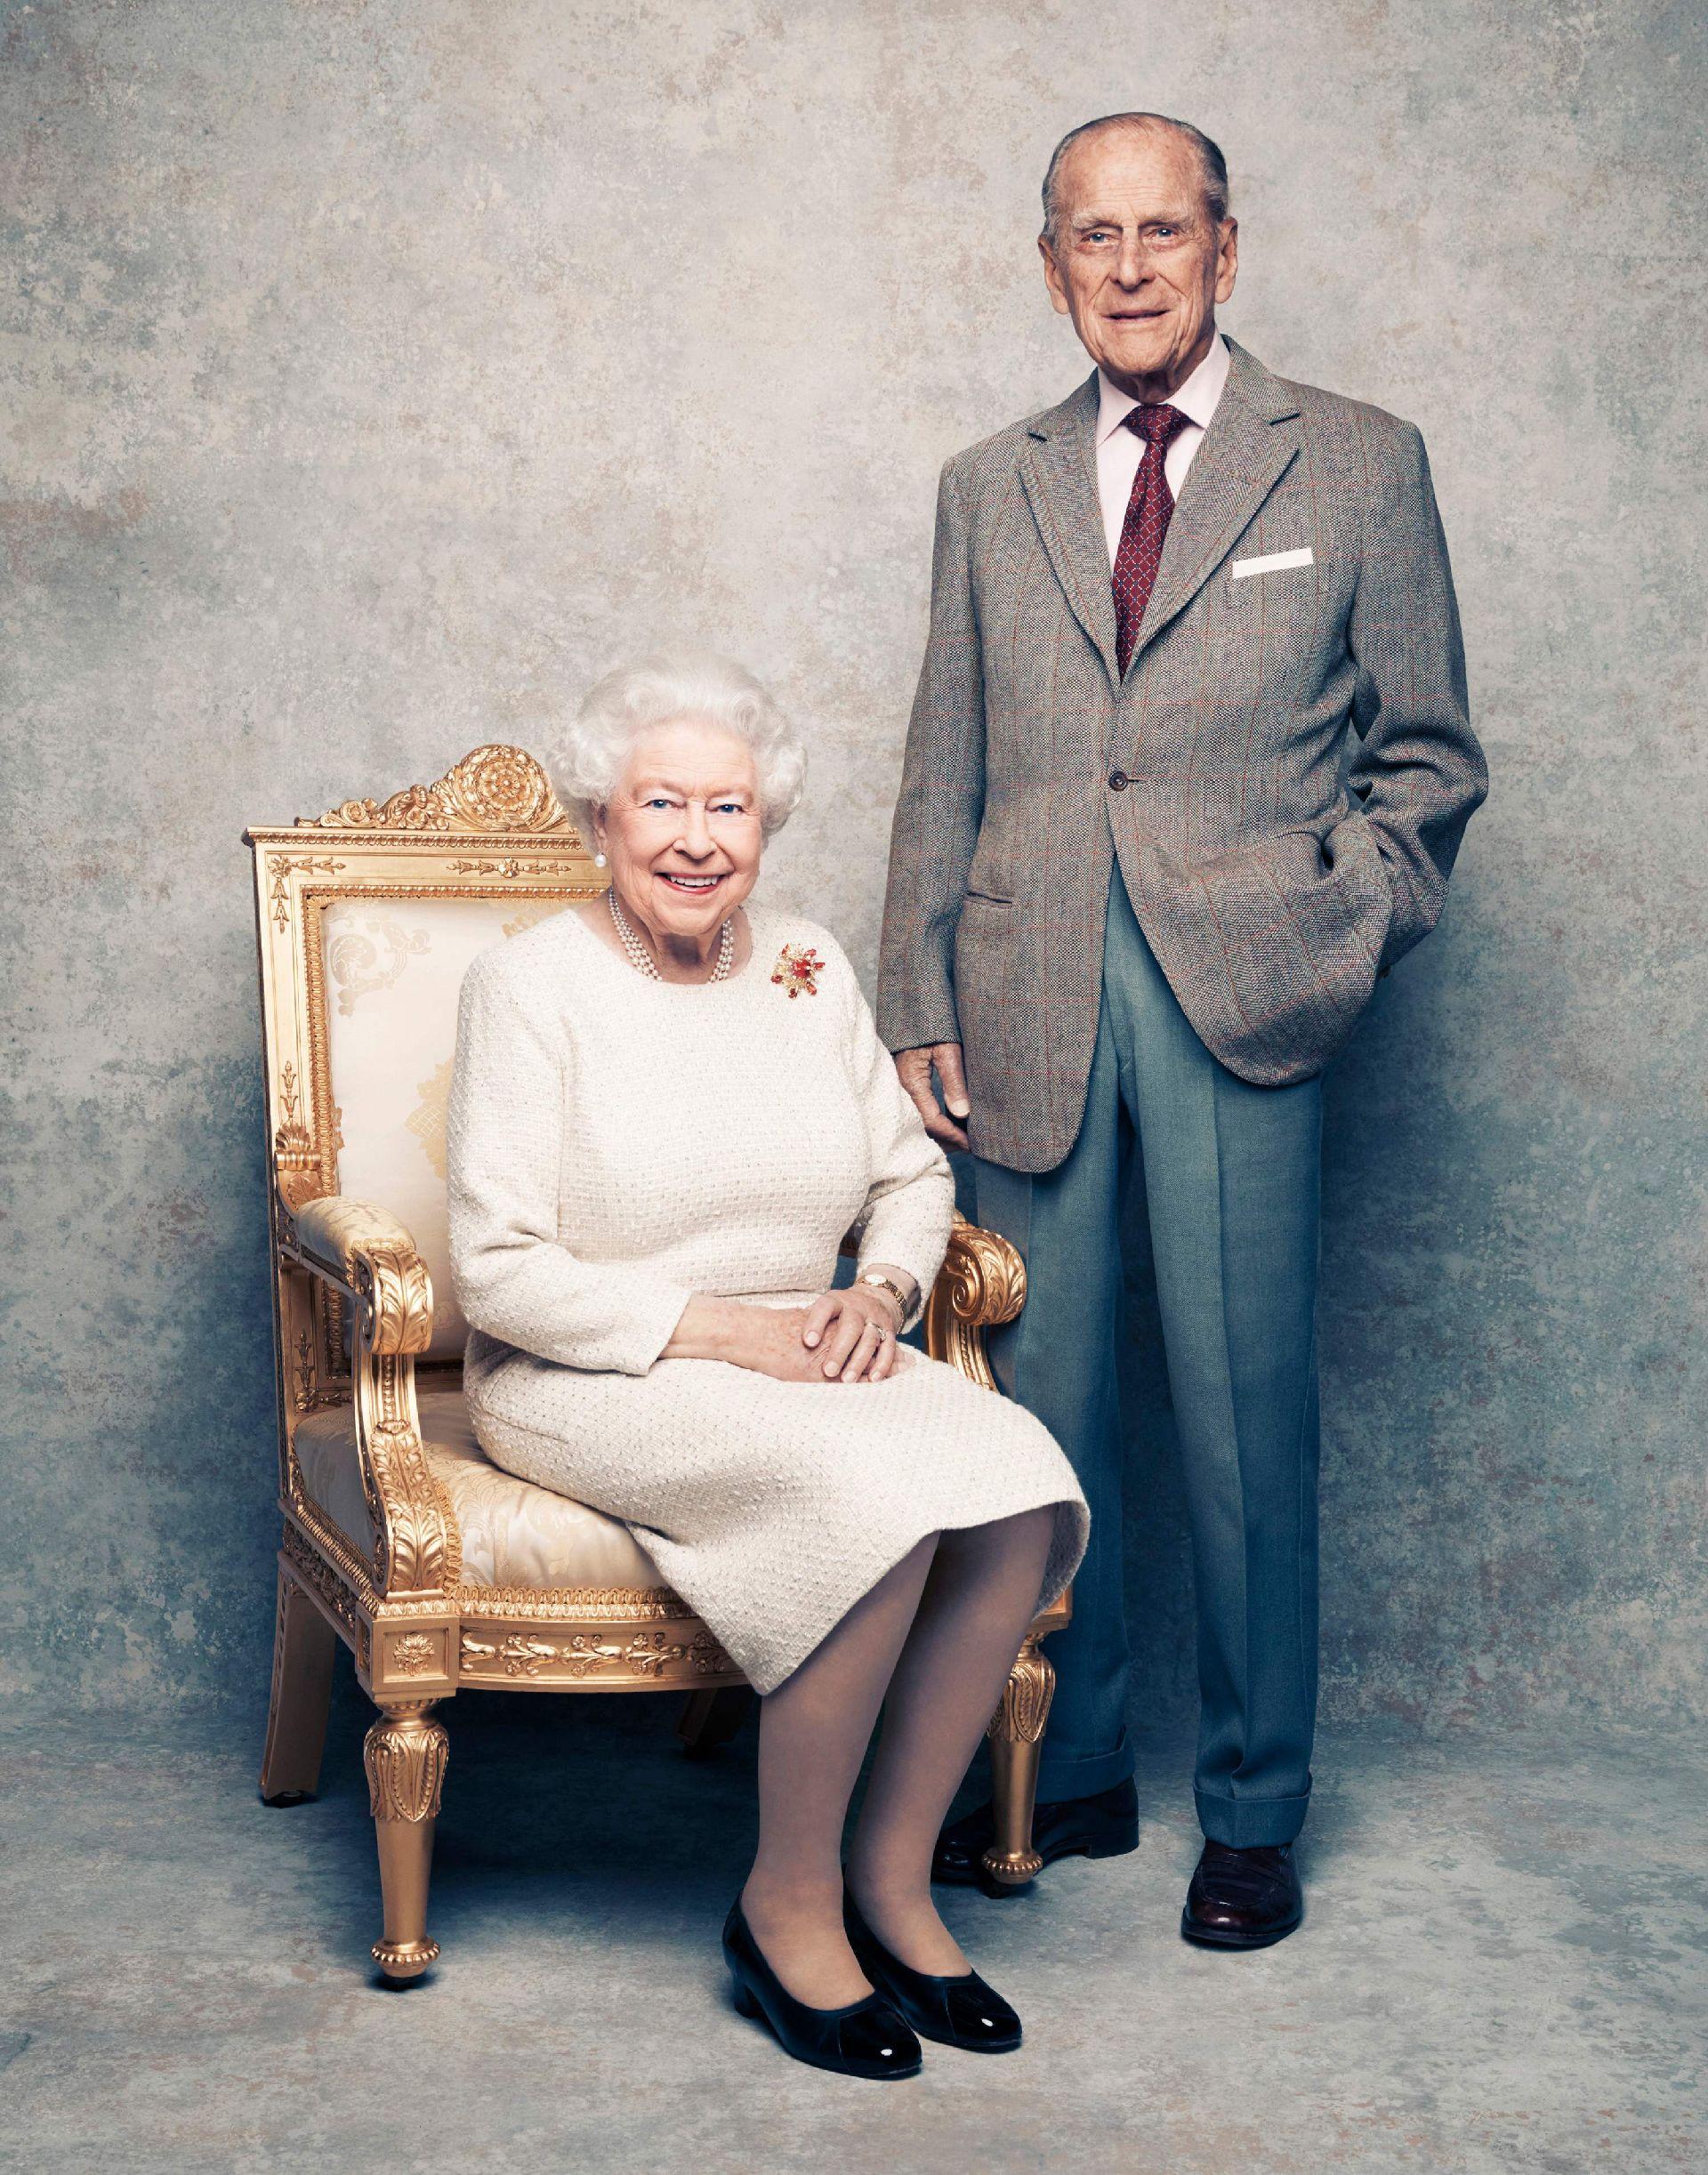 Um retrato do casal foi divulgado para comemorar o aniversário de casamento. Foto: Matt Holyoak/Camerapress